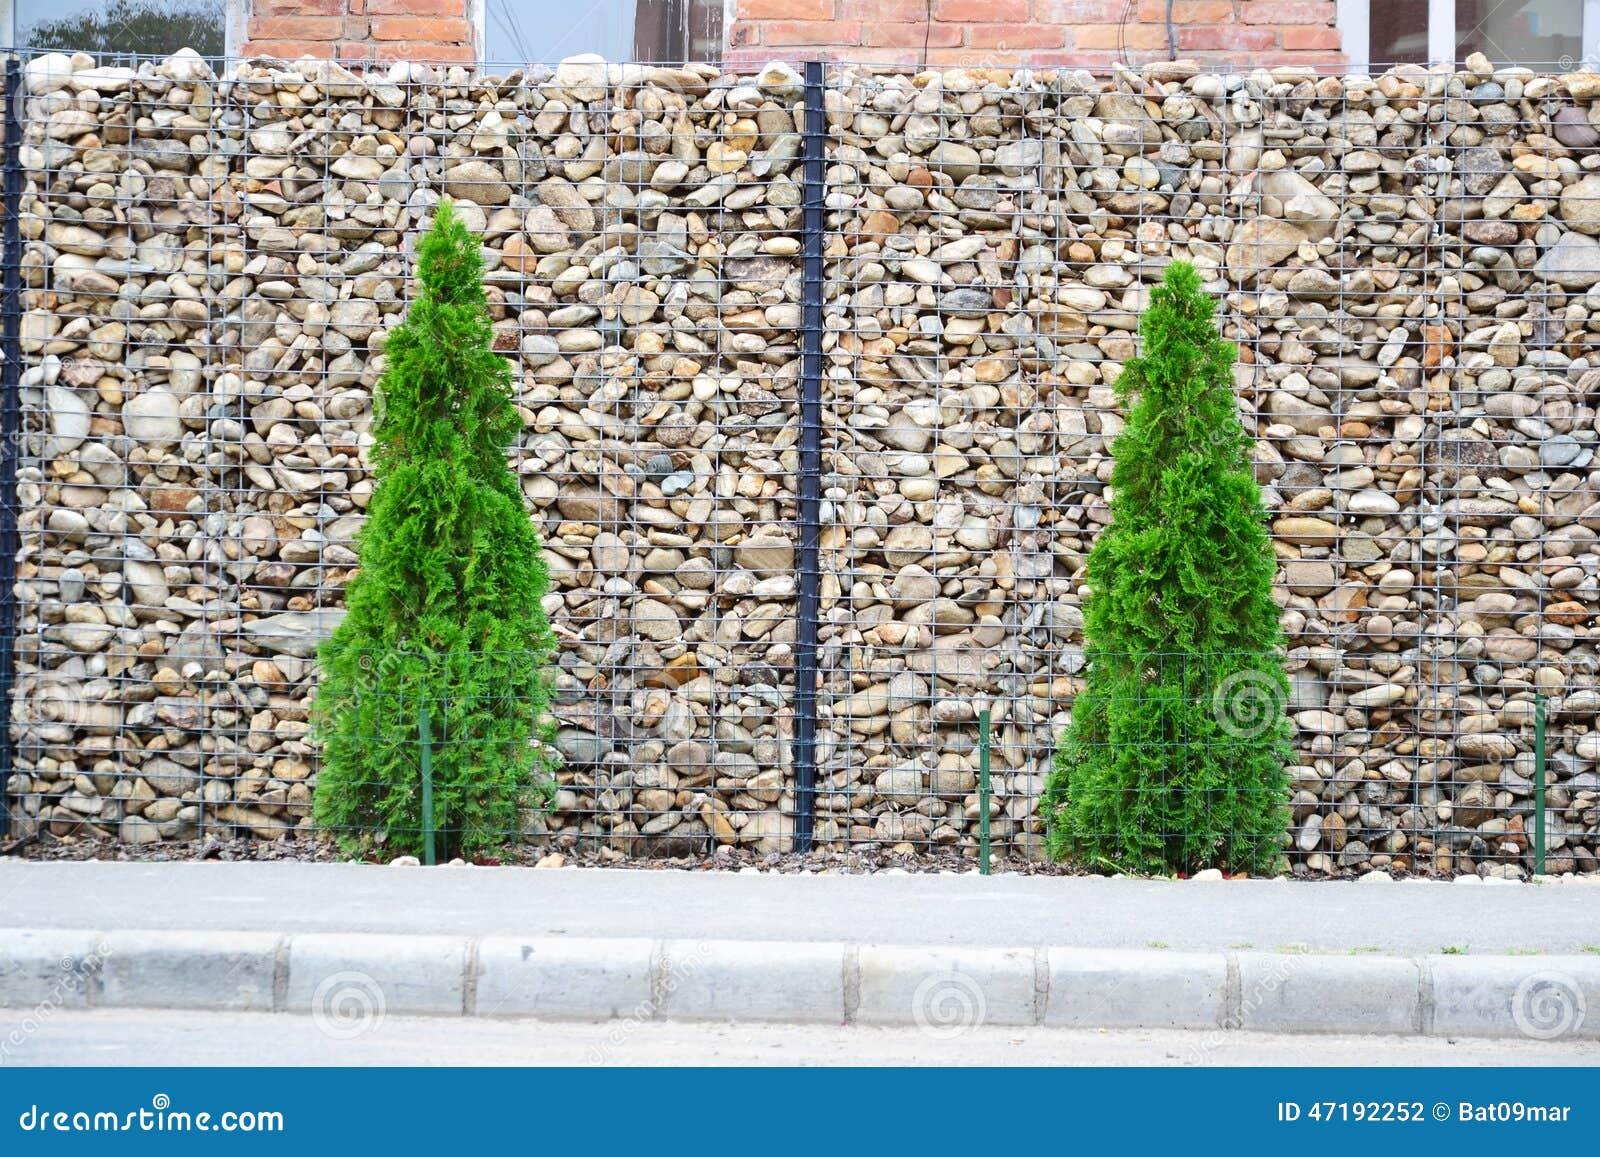 Gabion Fence Stock Photo - Image: 47192252